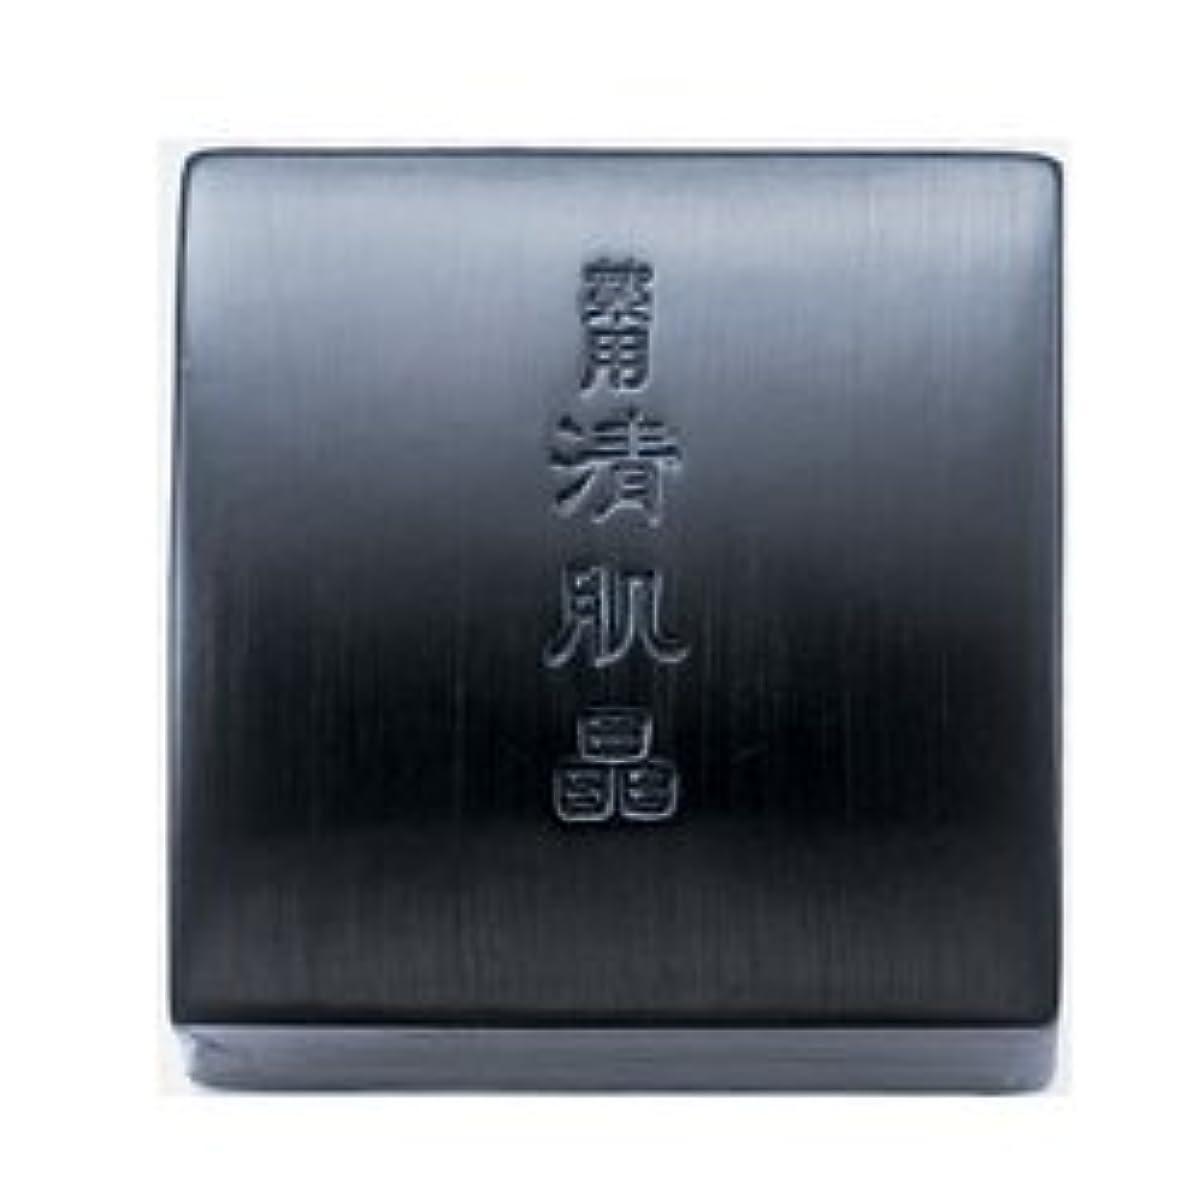 操作可能ヒューム更新するコーセー薬用 清肌晶120g(ケース付き)